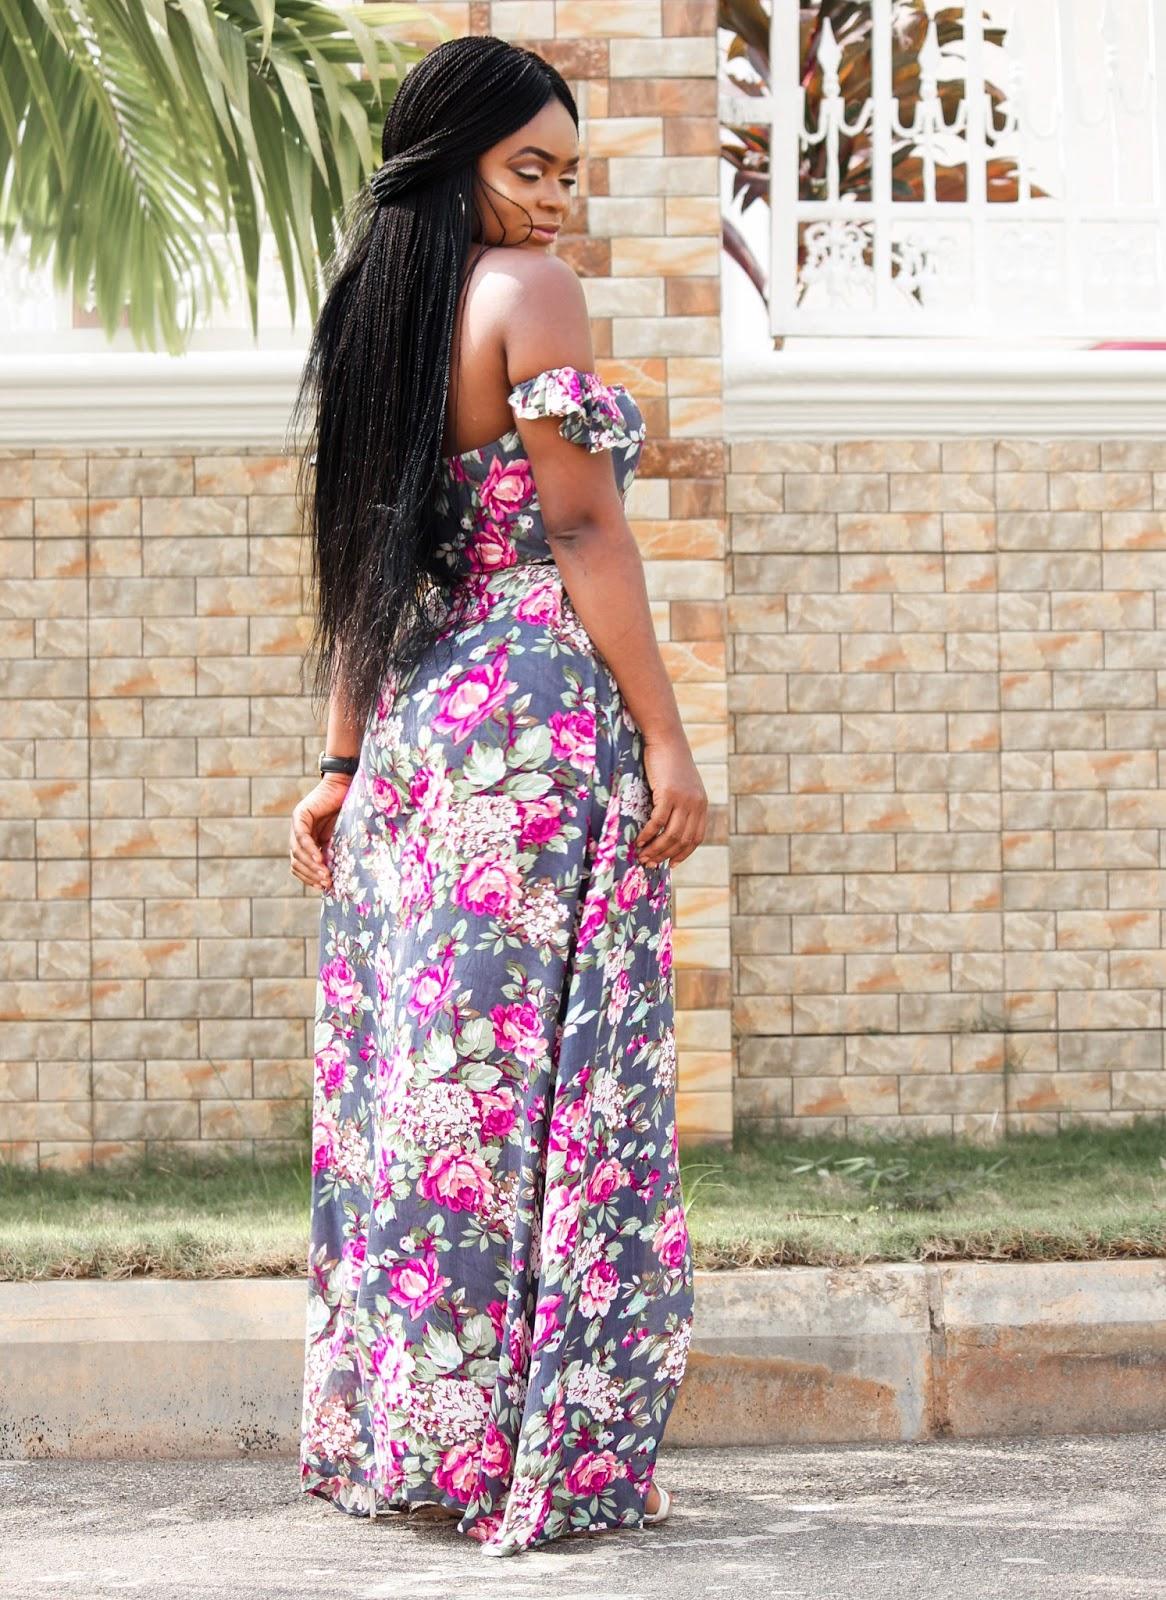 OFF SHOULDER FLORAL MAXI - Off Shoulder Floral Maxi Dress from Zaful